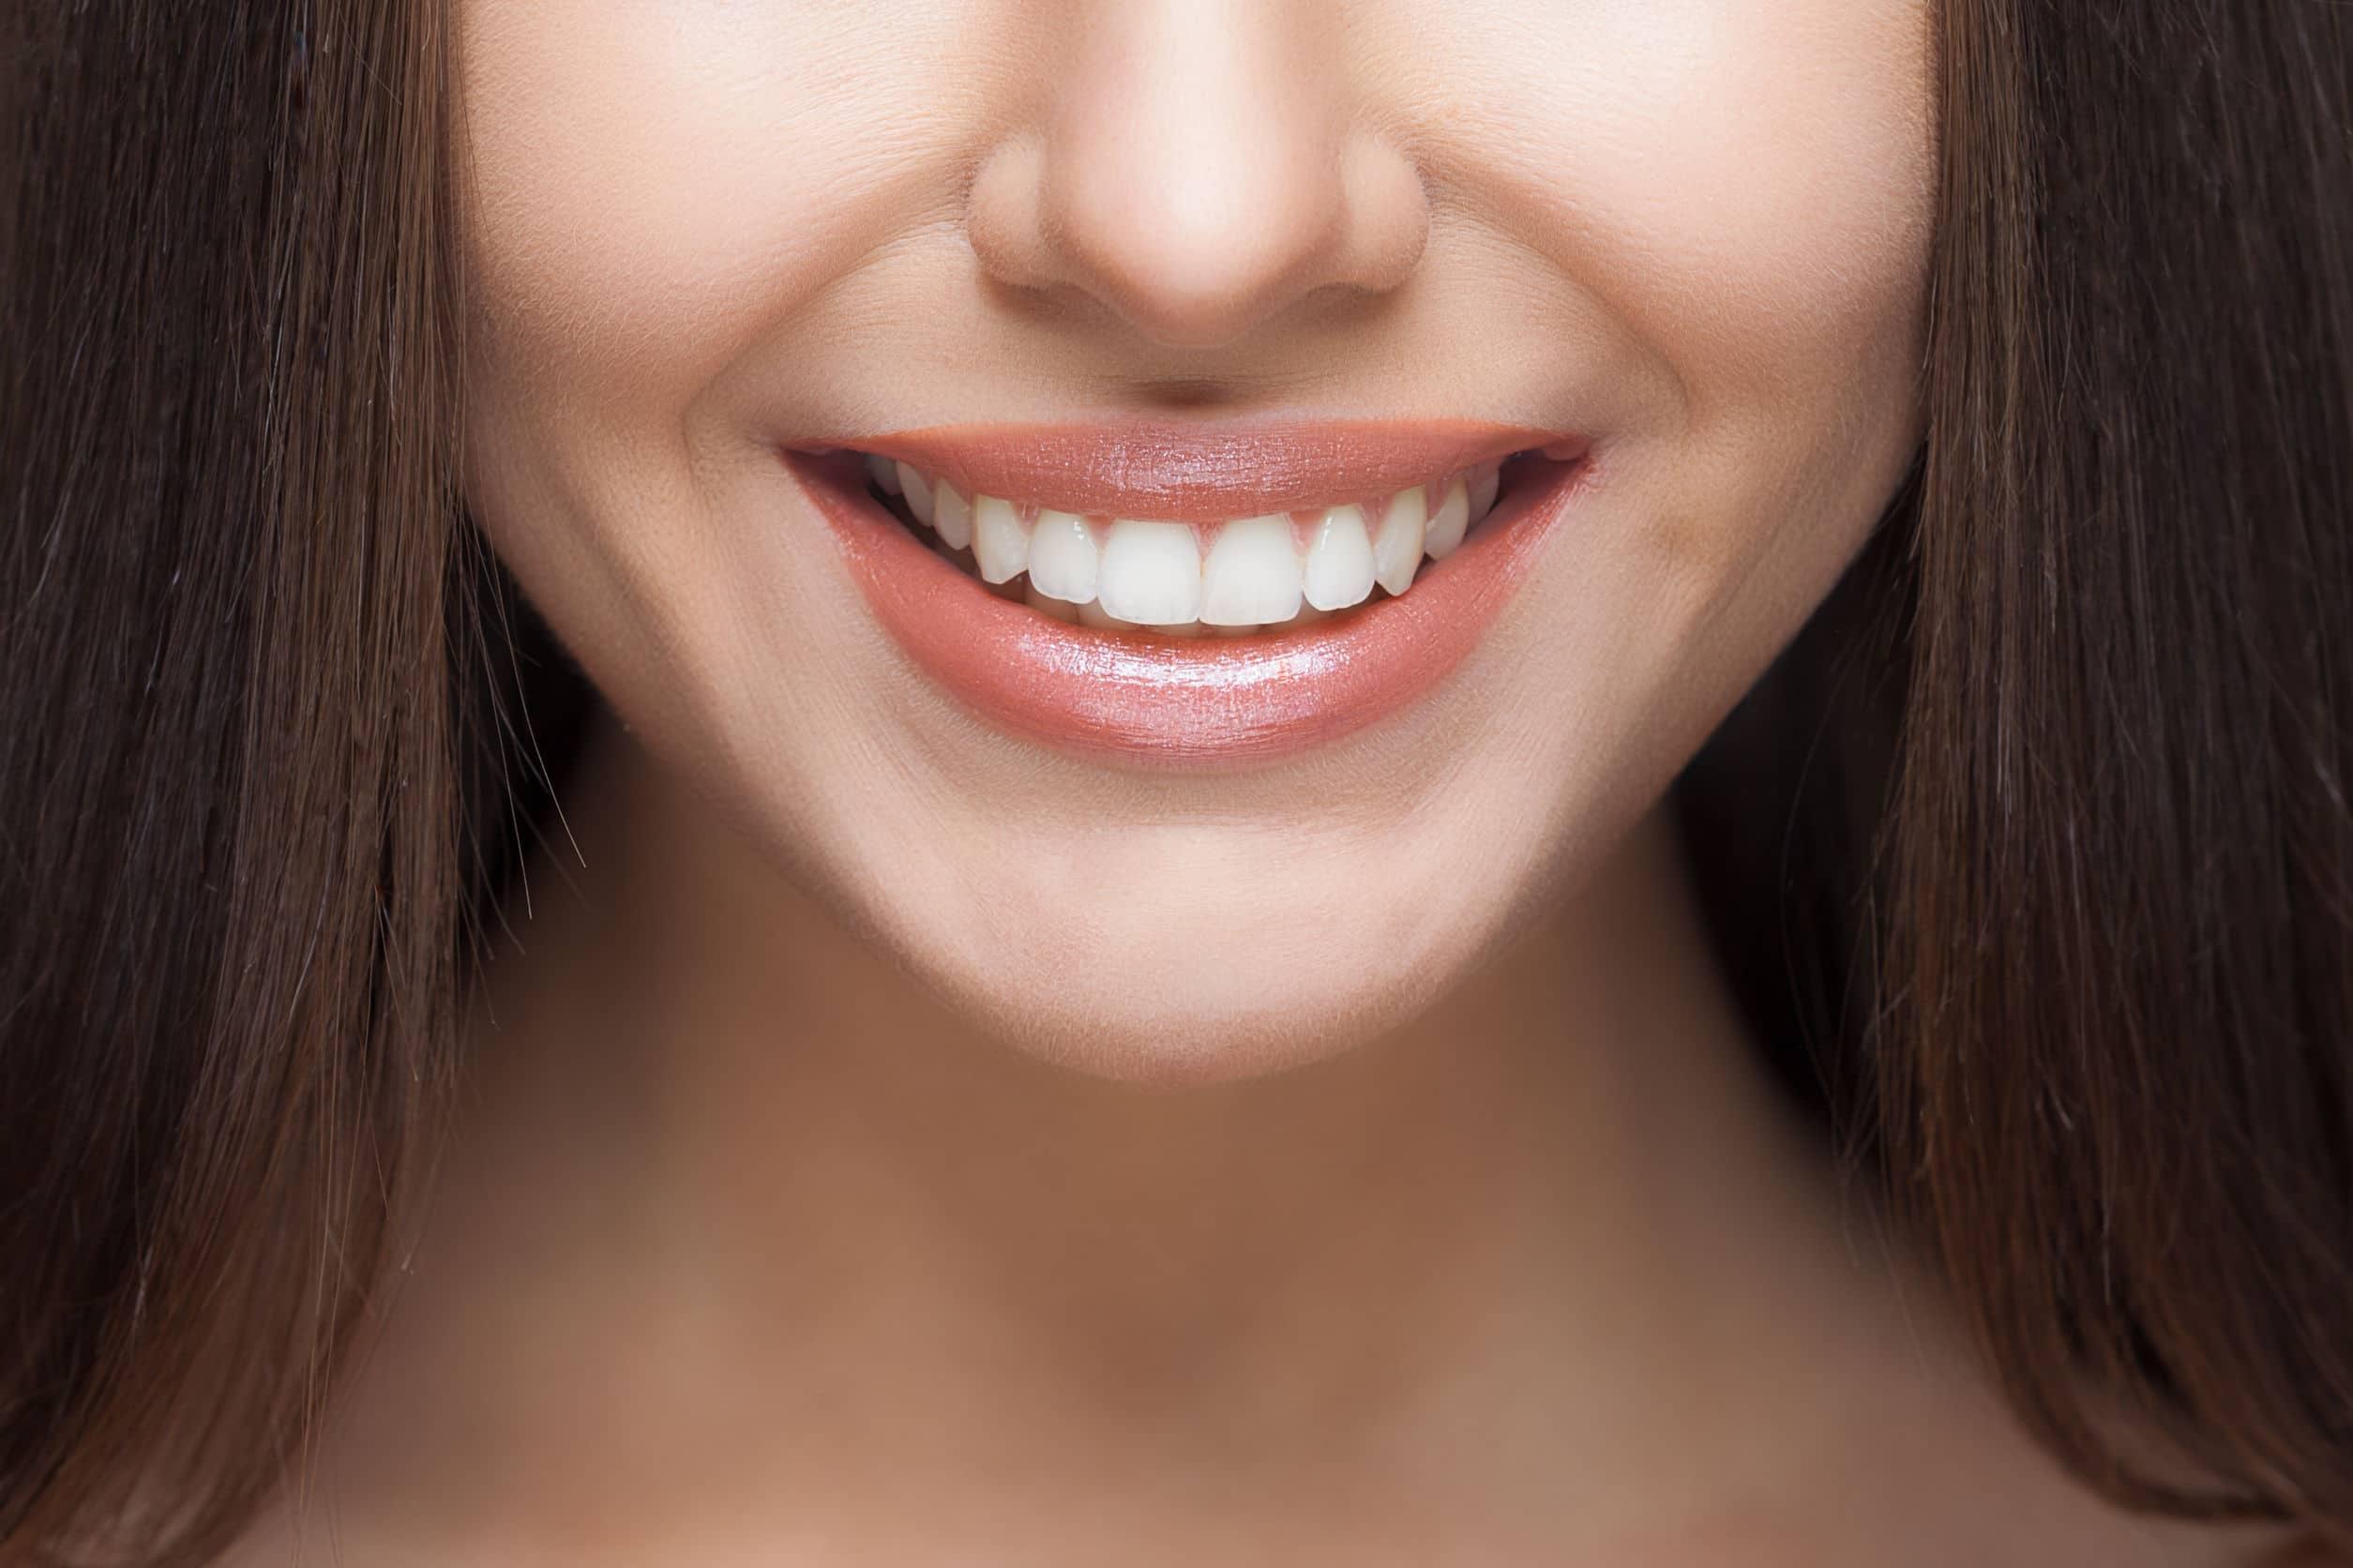 Implantología dental o puentes dentales